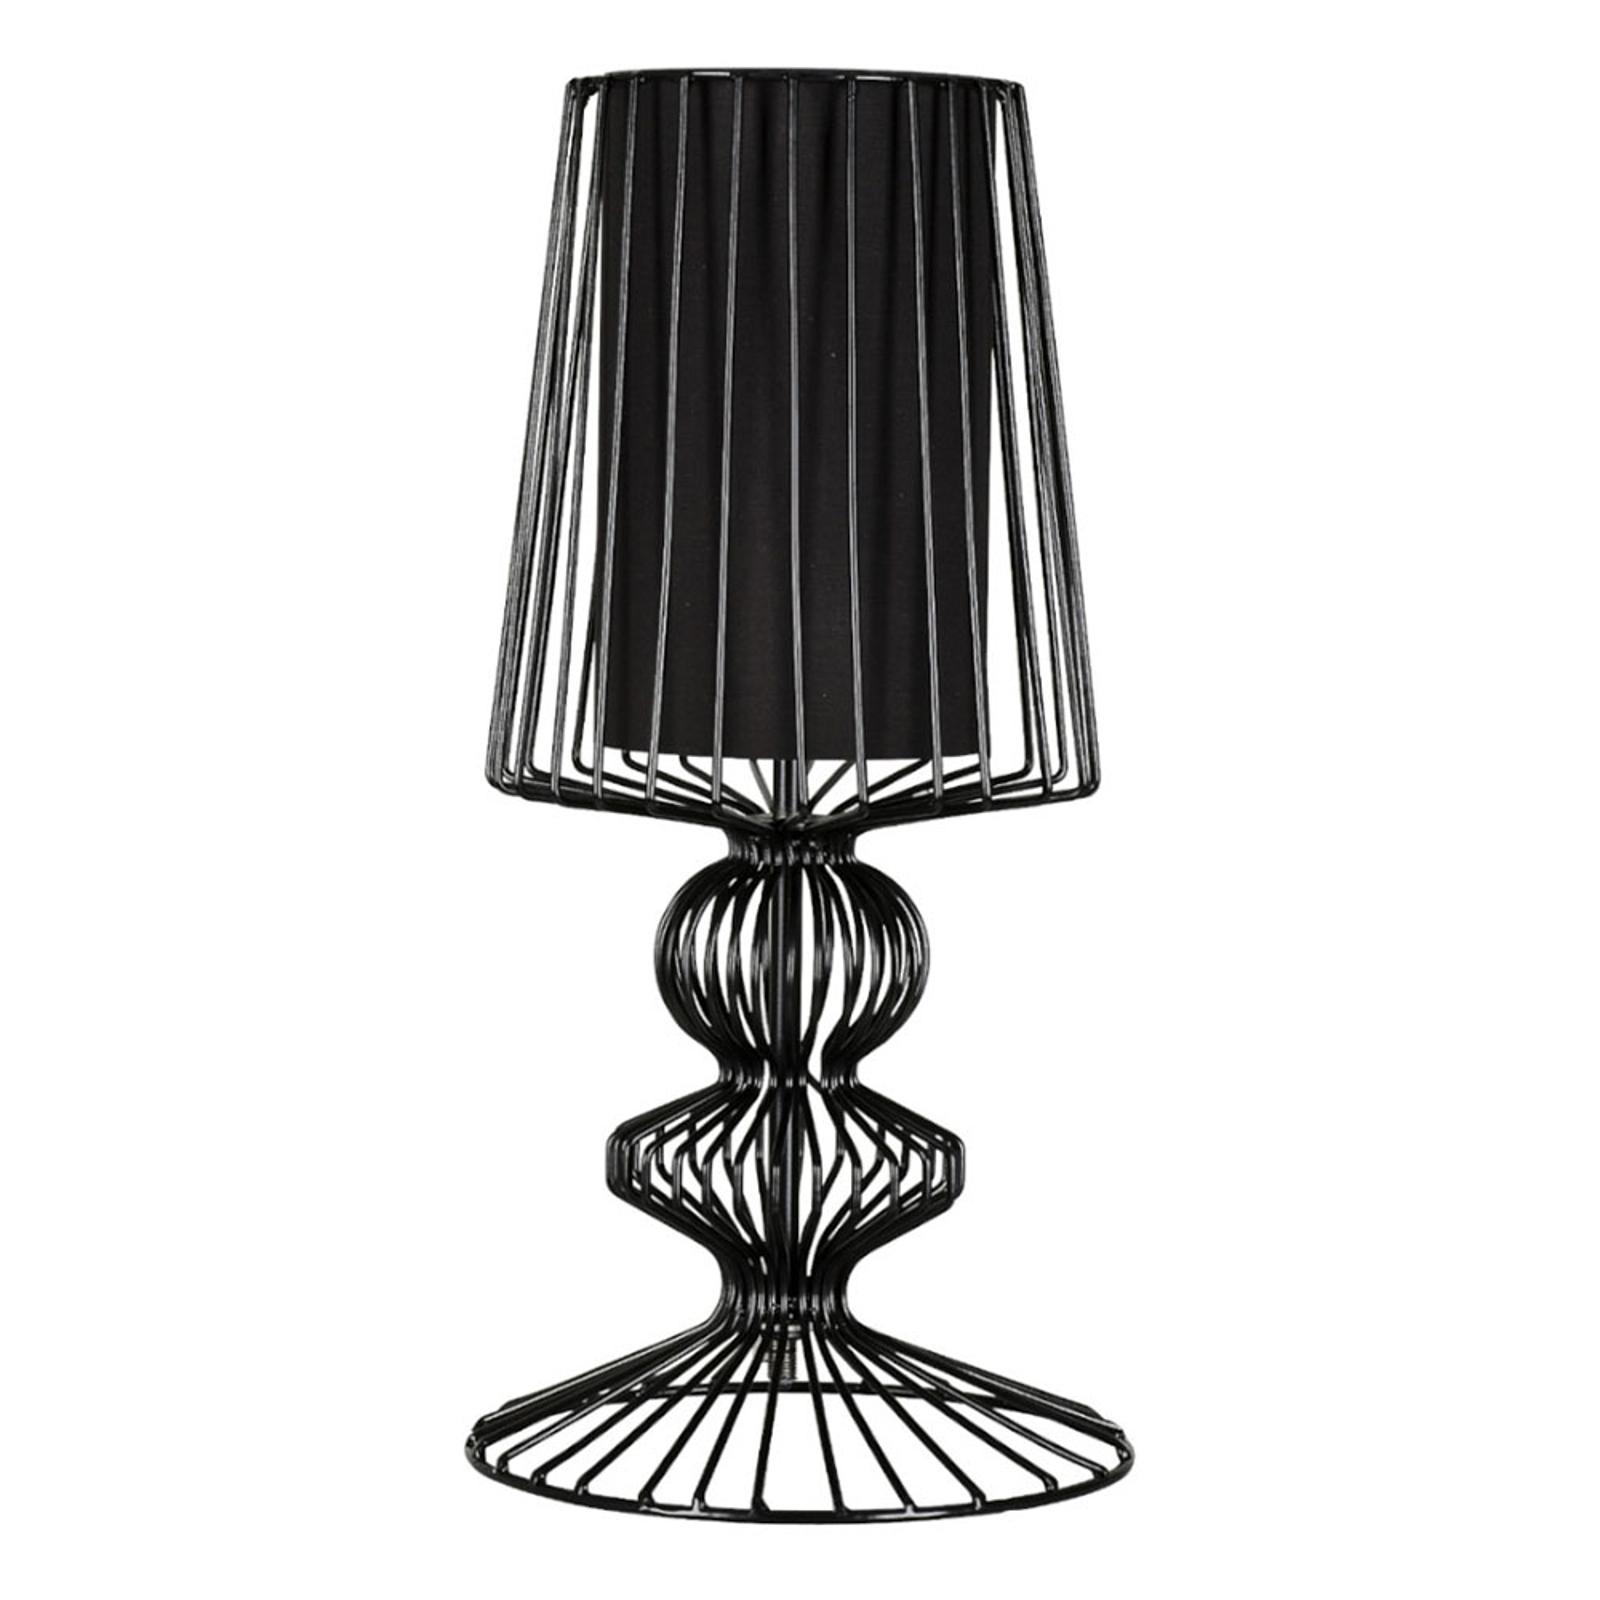 Lampa stołowa Aveiro S metalowe rozpórki czarna